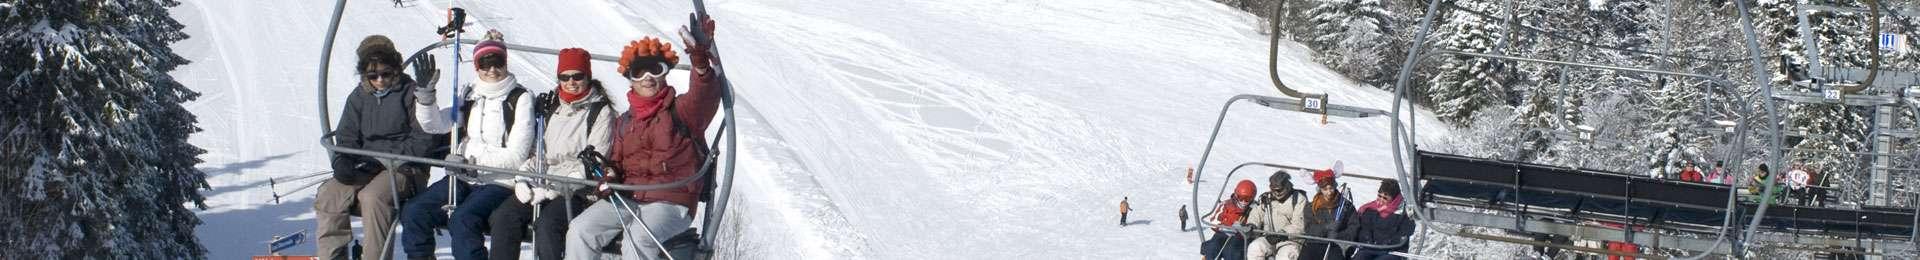 Domaine de ski alpin la Mauselaine Gérardmer